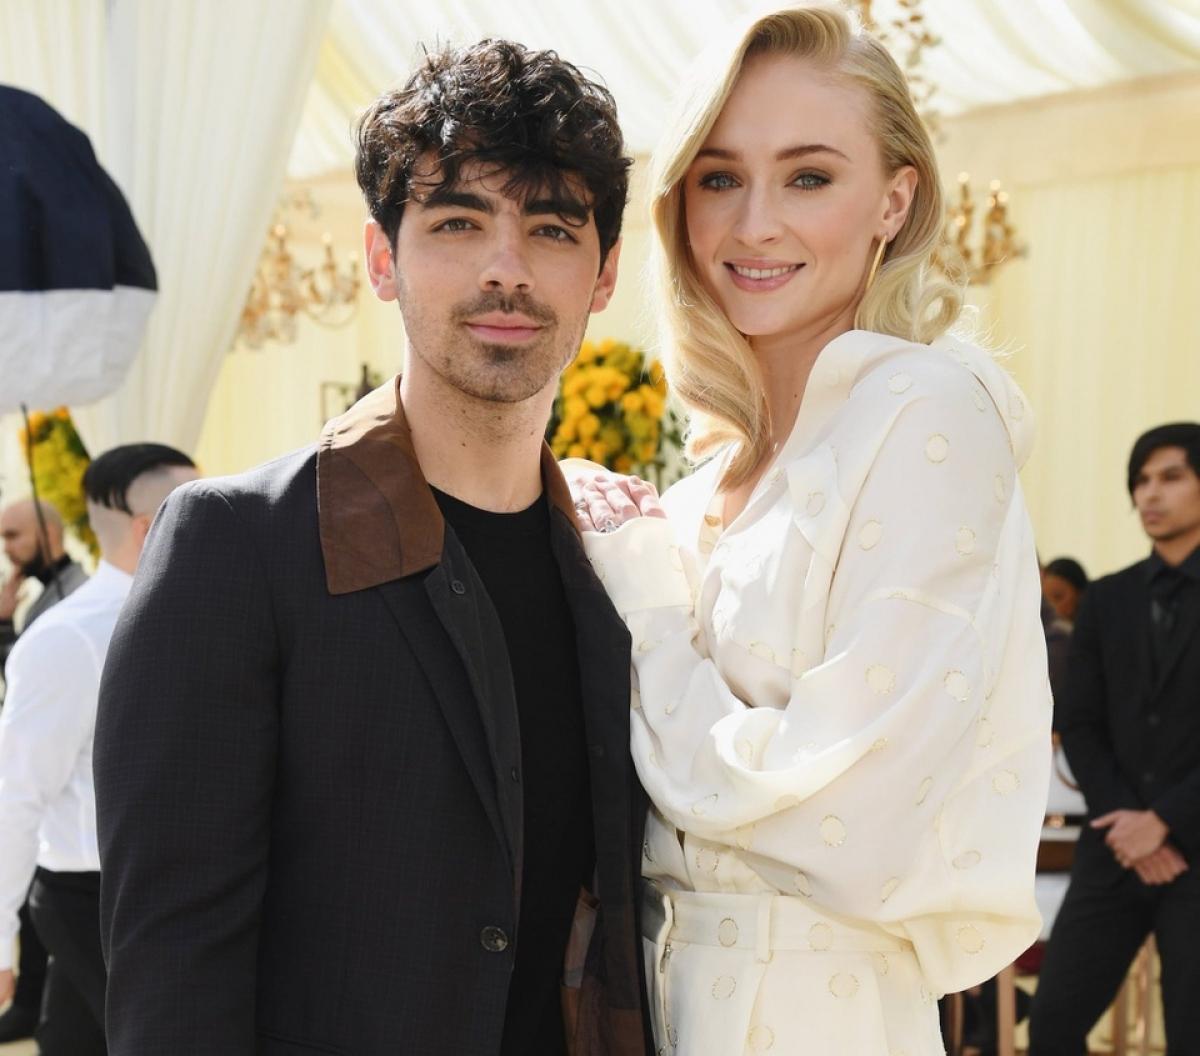 """Tháng 5/2019, sao phim """"Game of Thrones"""" tổ chức hôn lễ cùng bạn trai, sau khi tham dự lễ trao giải Billboard. Họ tổ chức lễ cưới bất ngờ ở Las Vegas."""